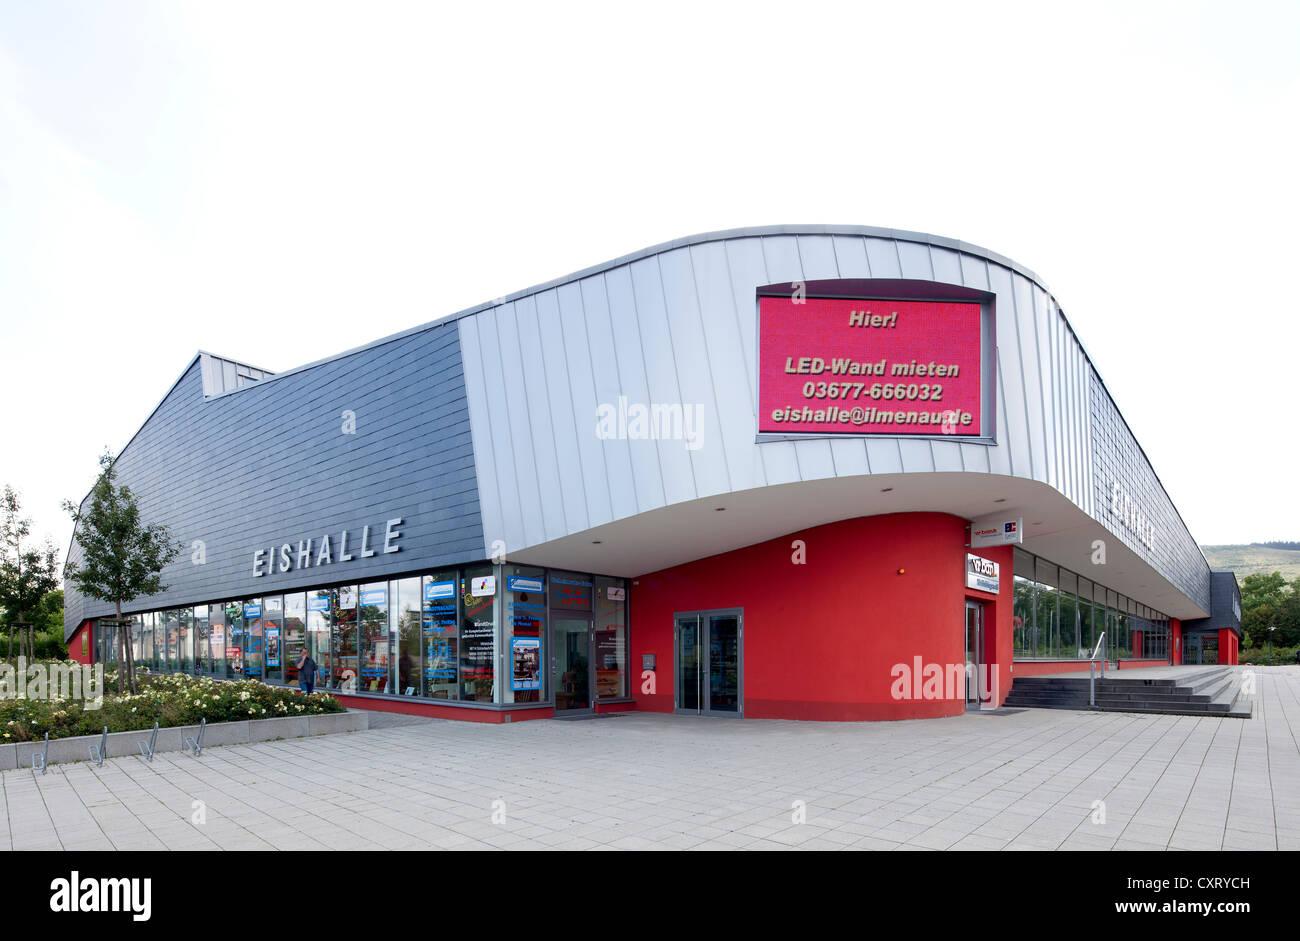 Eishalle Ilmenau, ein Eislaufen Eislaufplatz und Unterhaltung Veranstaltungsort, Ilmenau, Thüringen, Deutschland, Stockbild